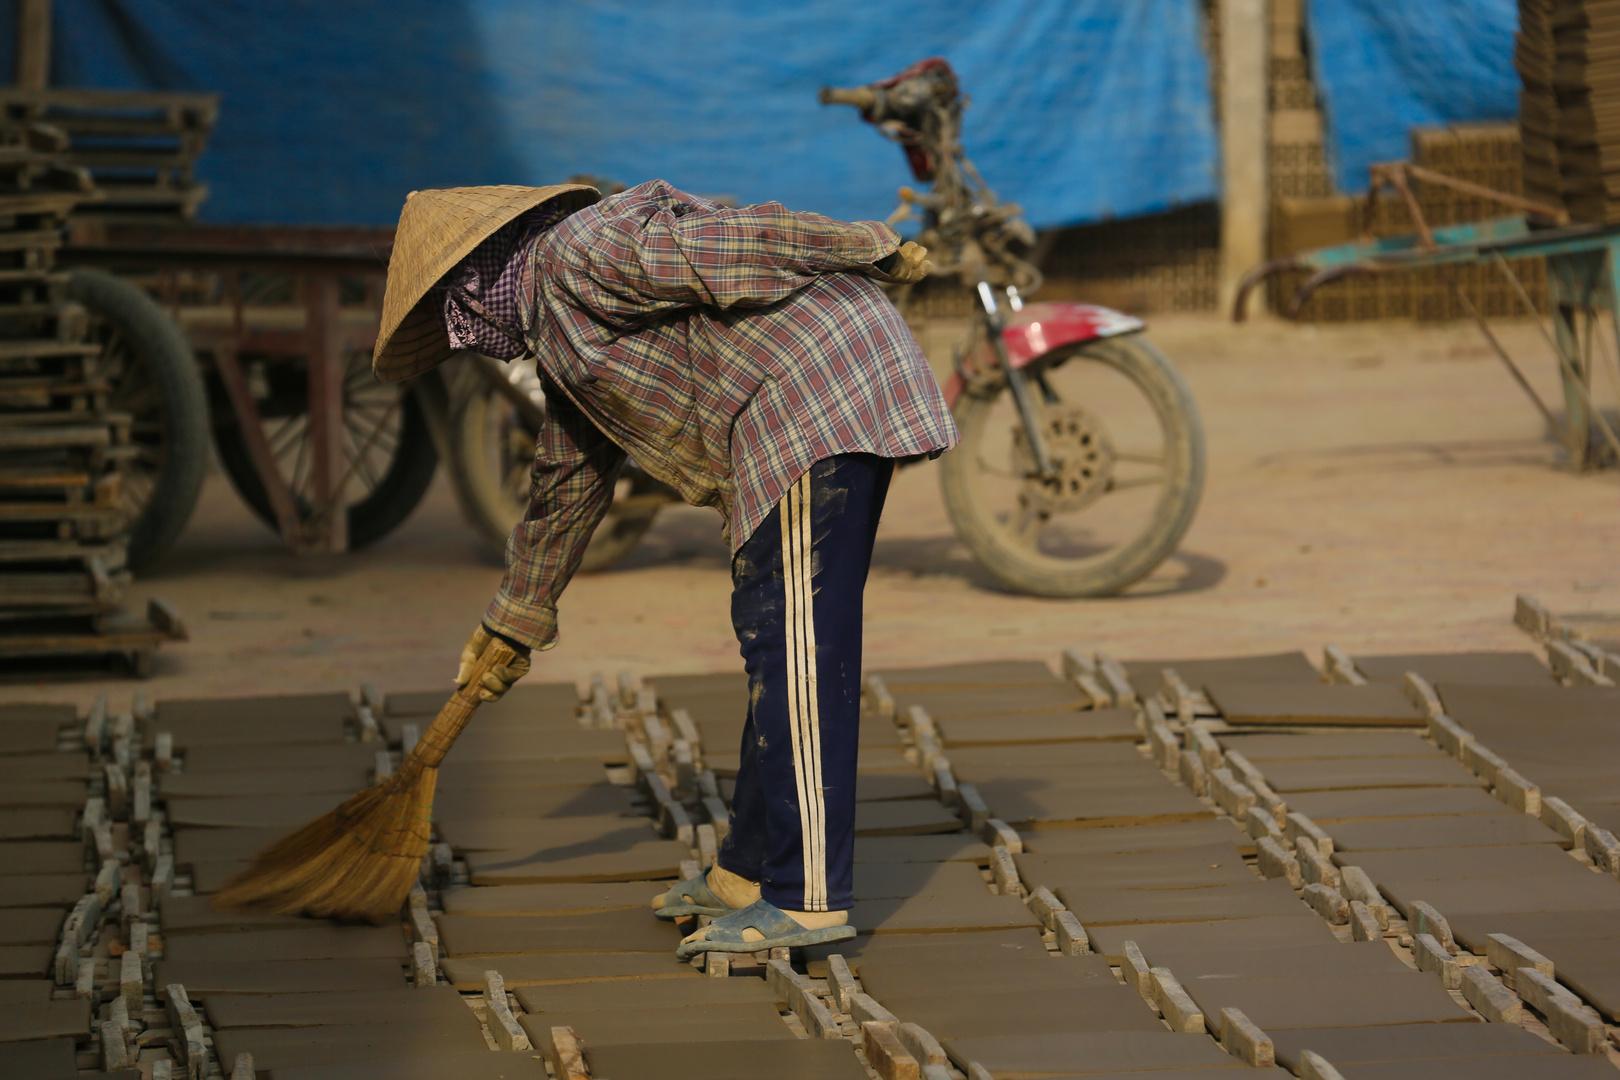 Mekong, Arbeiterin putzt Fliesenrohlinge